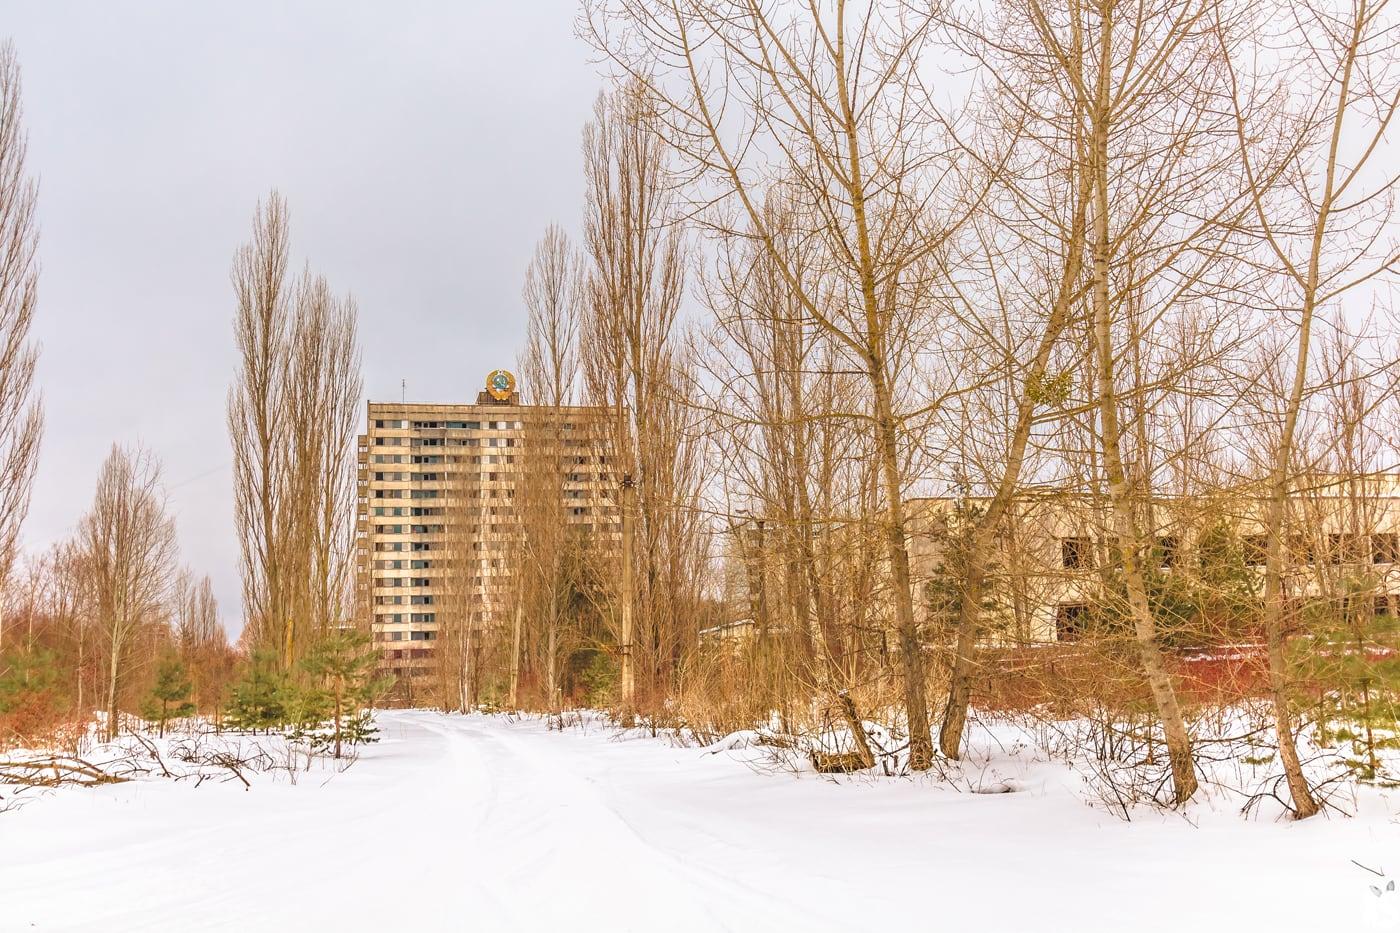 tchernobyl-prypiat-16